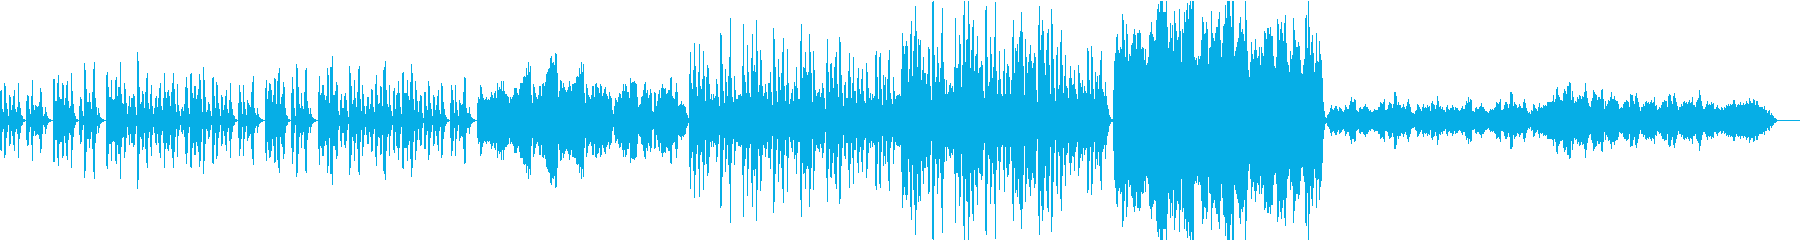 ほのぼのとして穏やかな曲の再生済みの波形